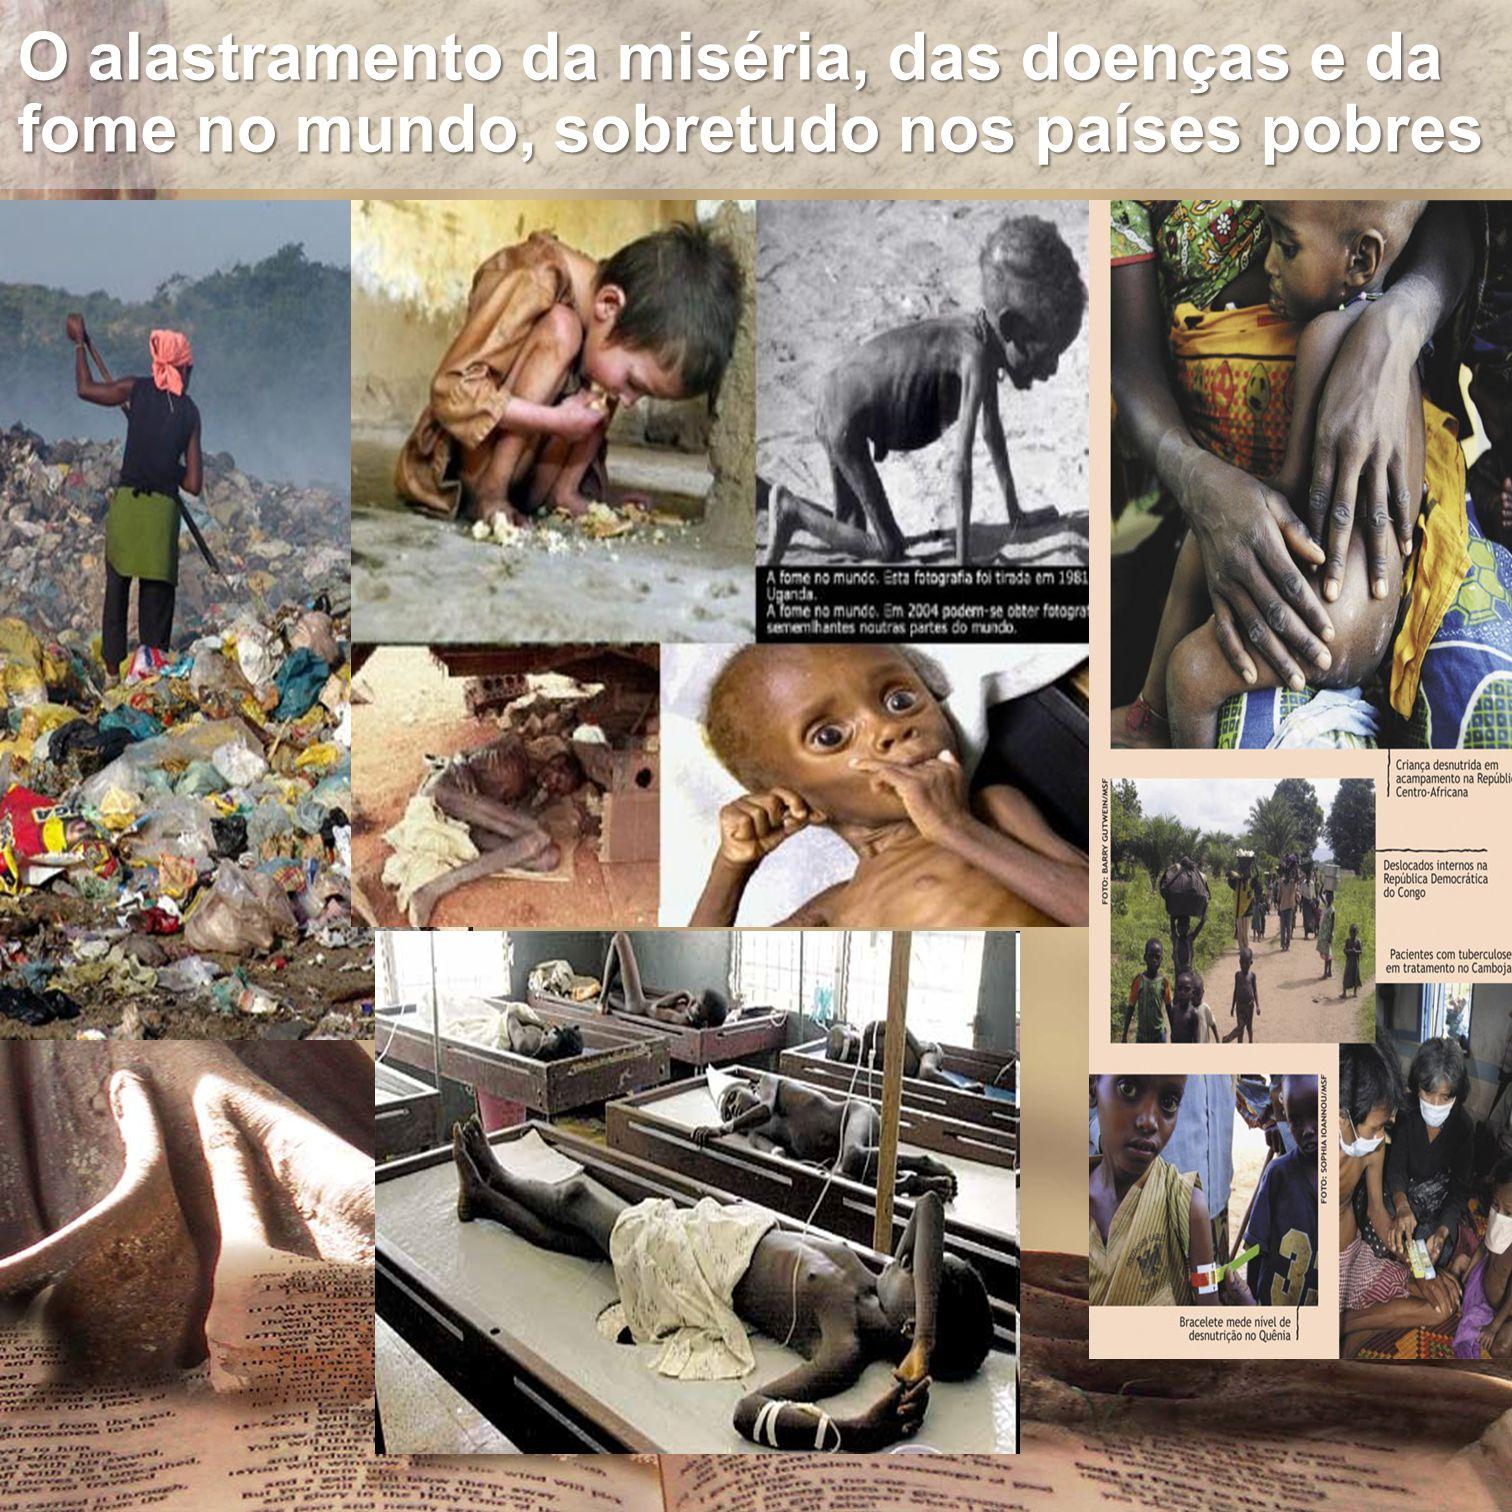 O alastramento da miséria, das doenças e da fome no mundo, sobretudo nos países pobres